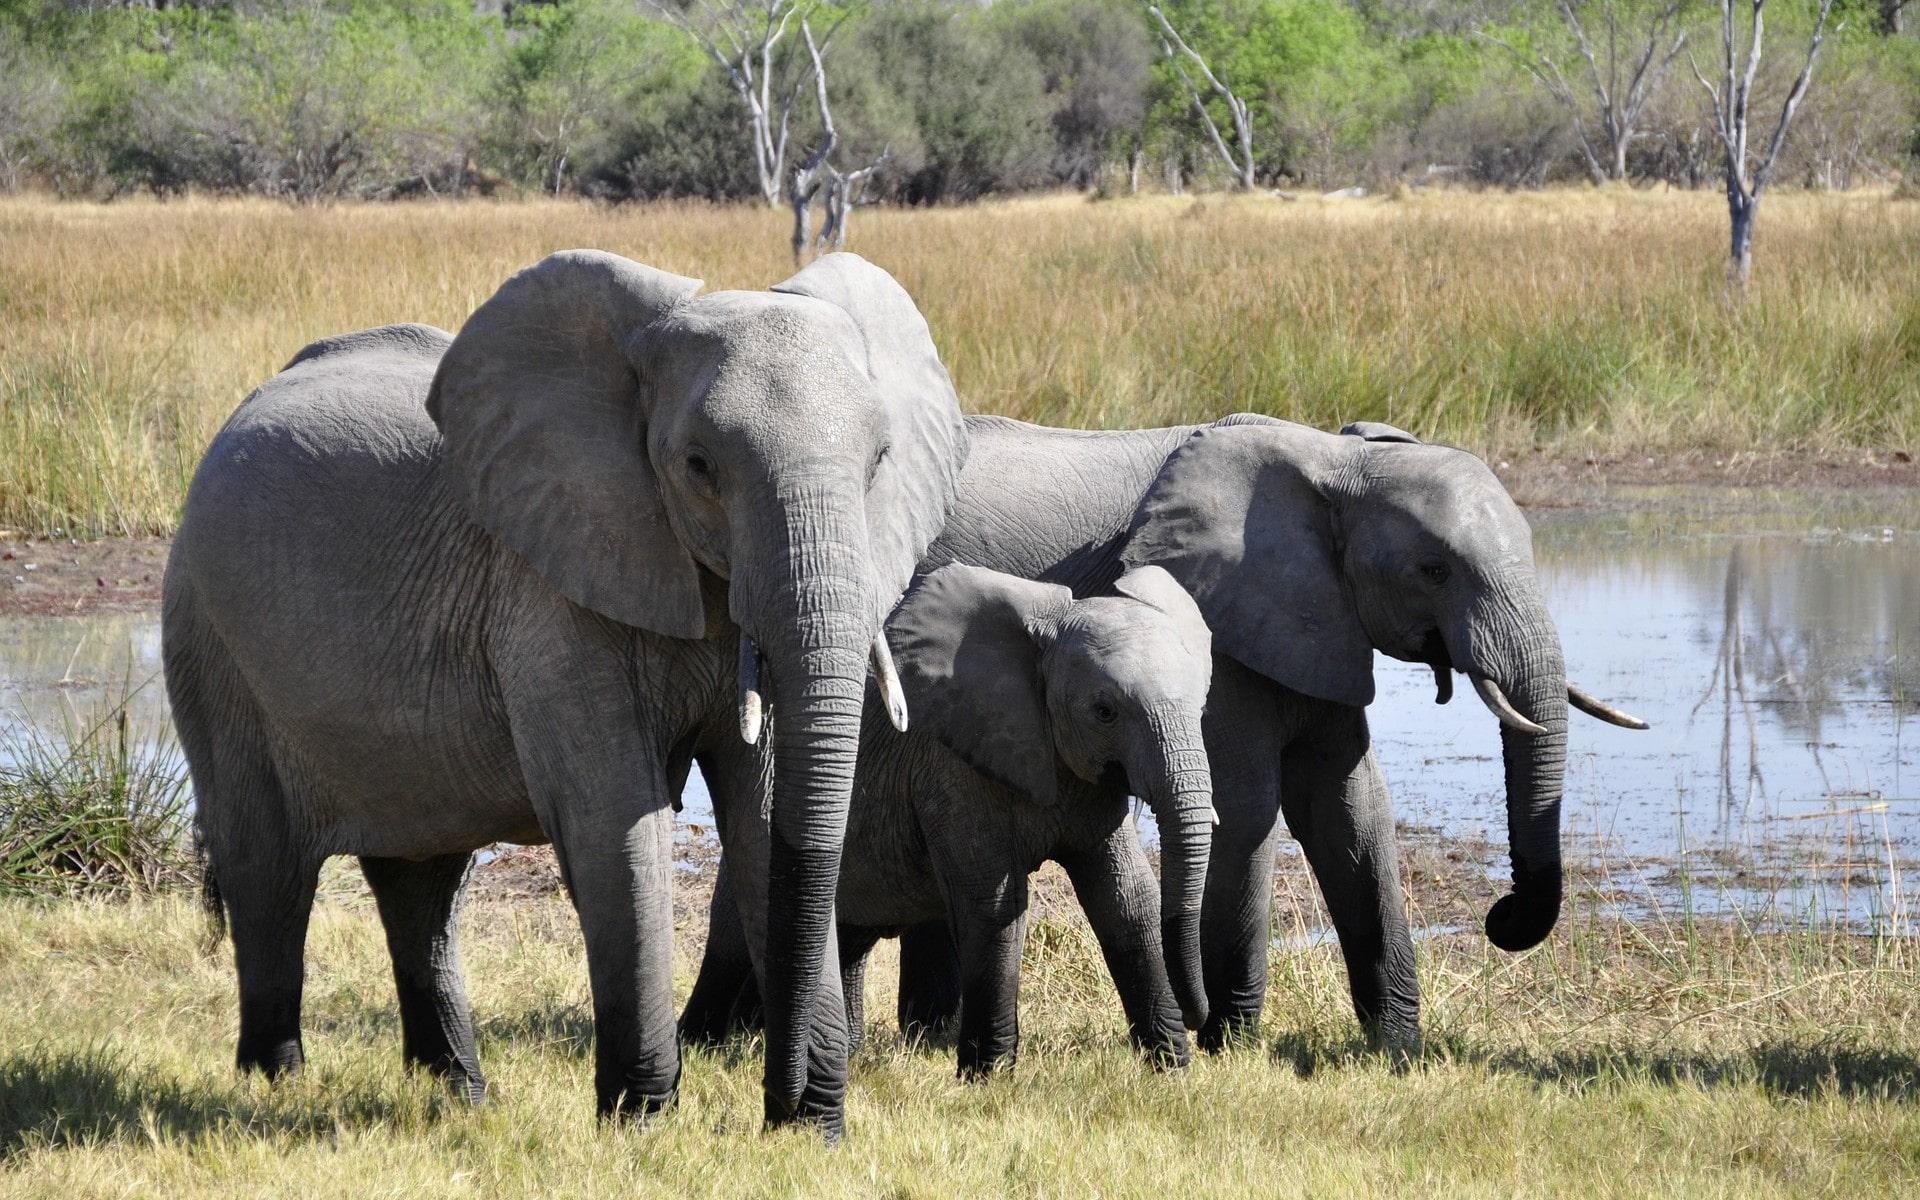 foto de Fonds d'écran Animaux sauvages gratuits